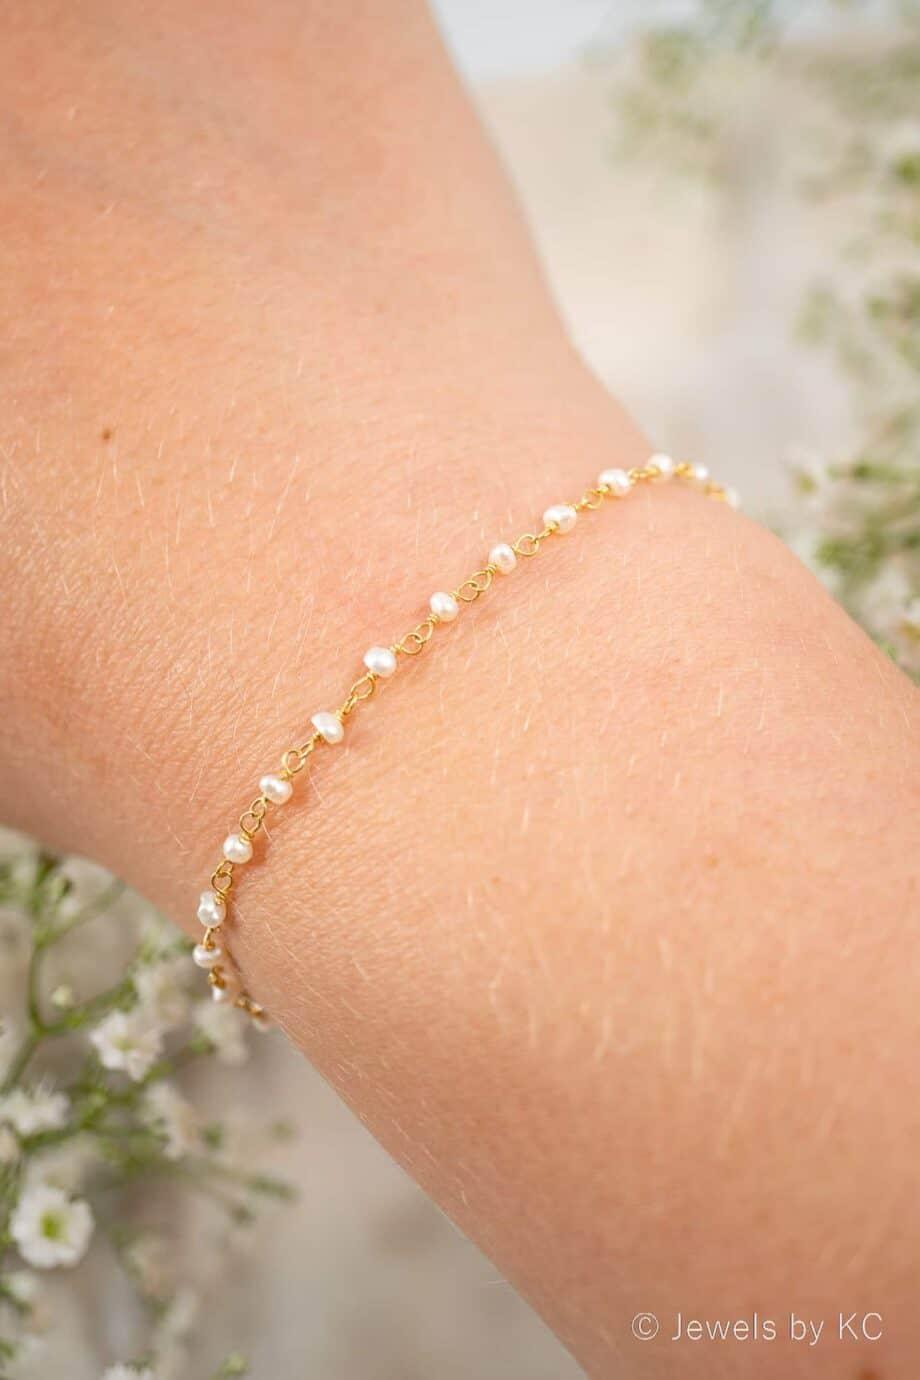 Gouden-parel-rosary-armband-gevlochten-van-Goud-op-Zilver